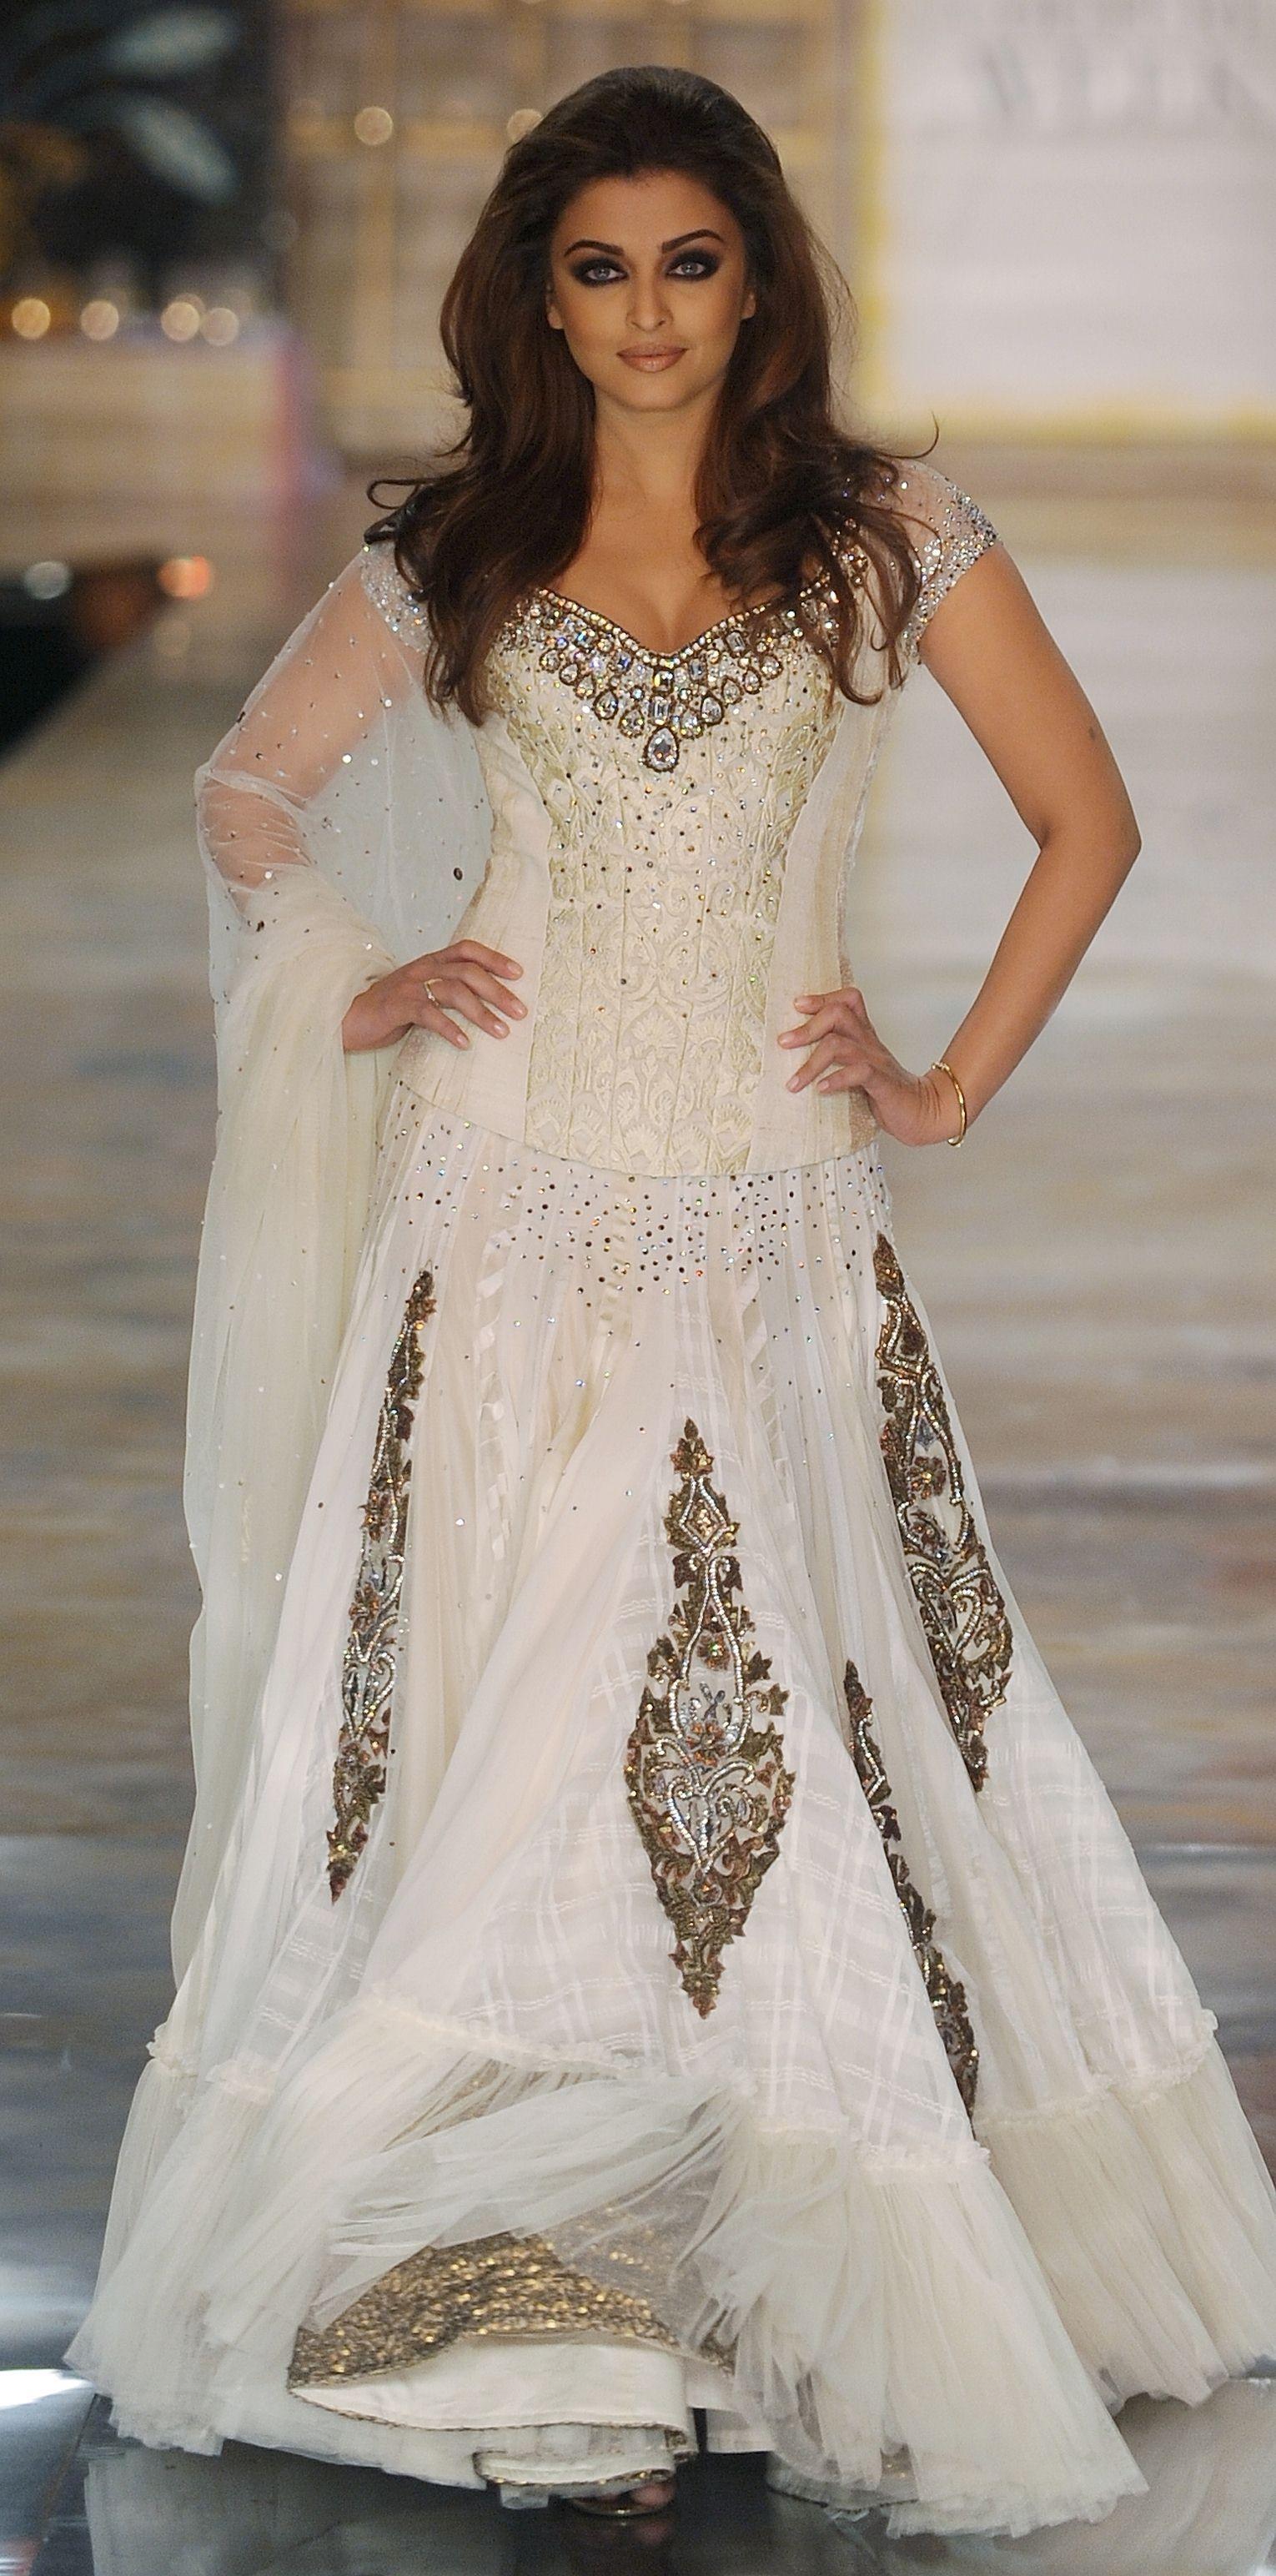 Aishwarya rai wedding dress  Manish Malhotra  lehengabridalseason  Pinterest  Manish